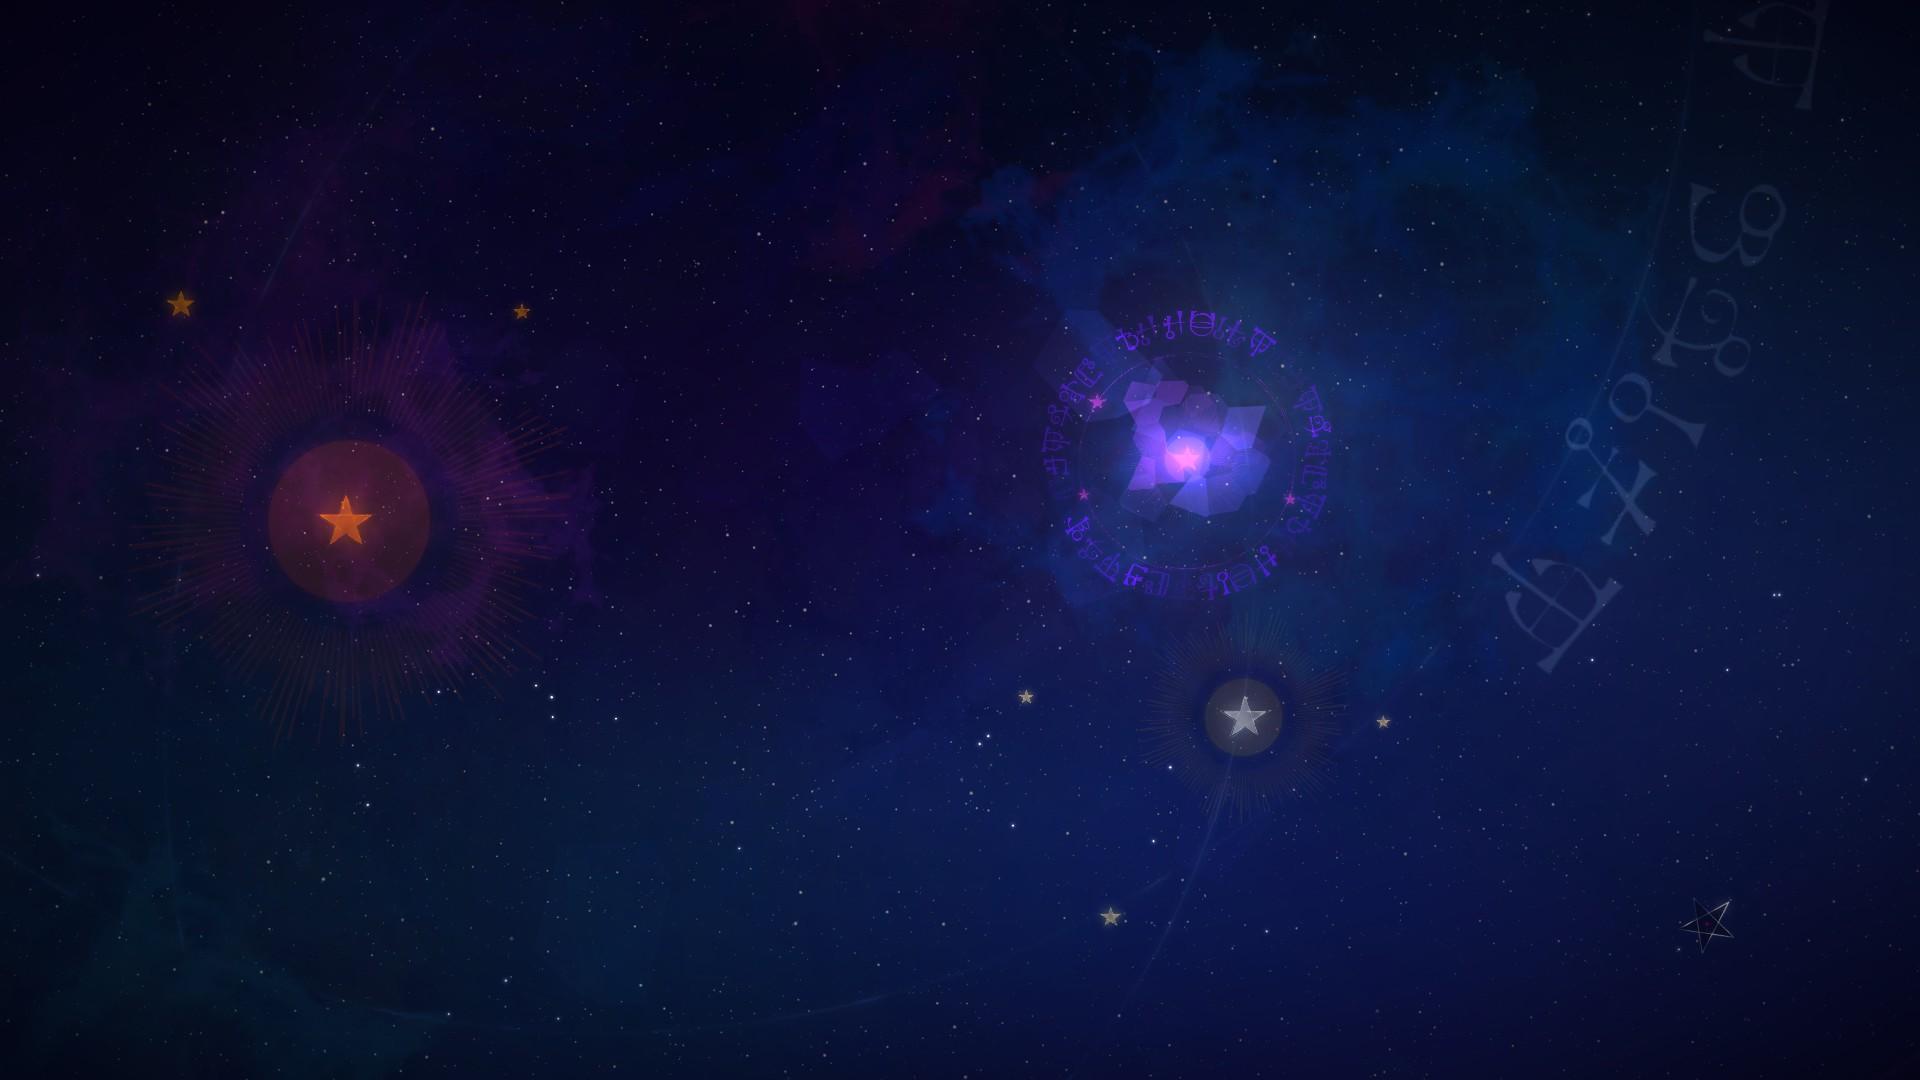 Screenshot: Nachthimmel der von zwei bunten Sternen erhellt wird.